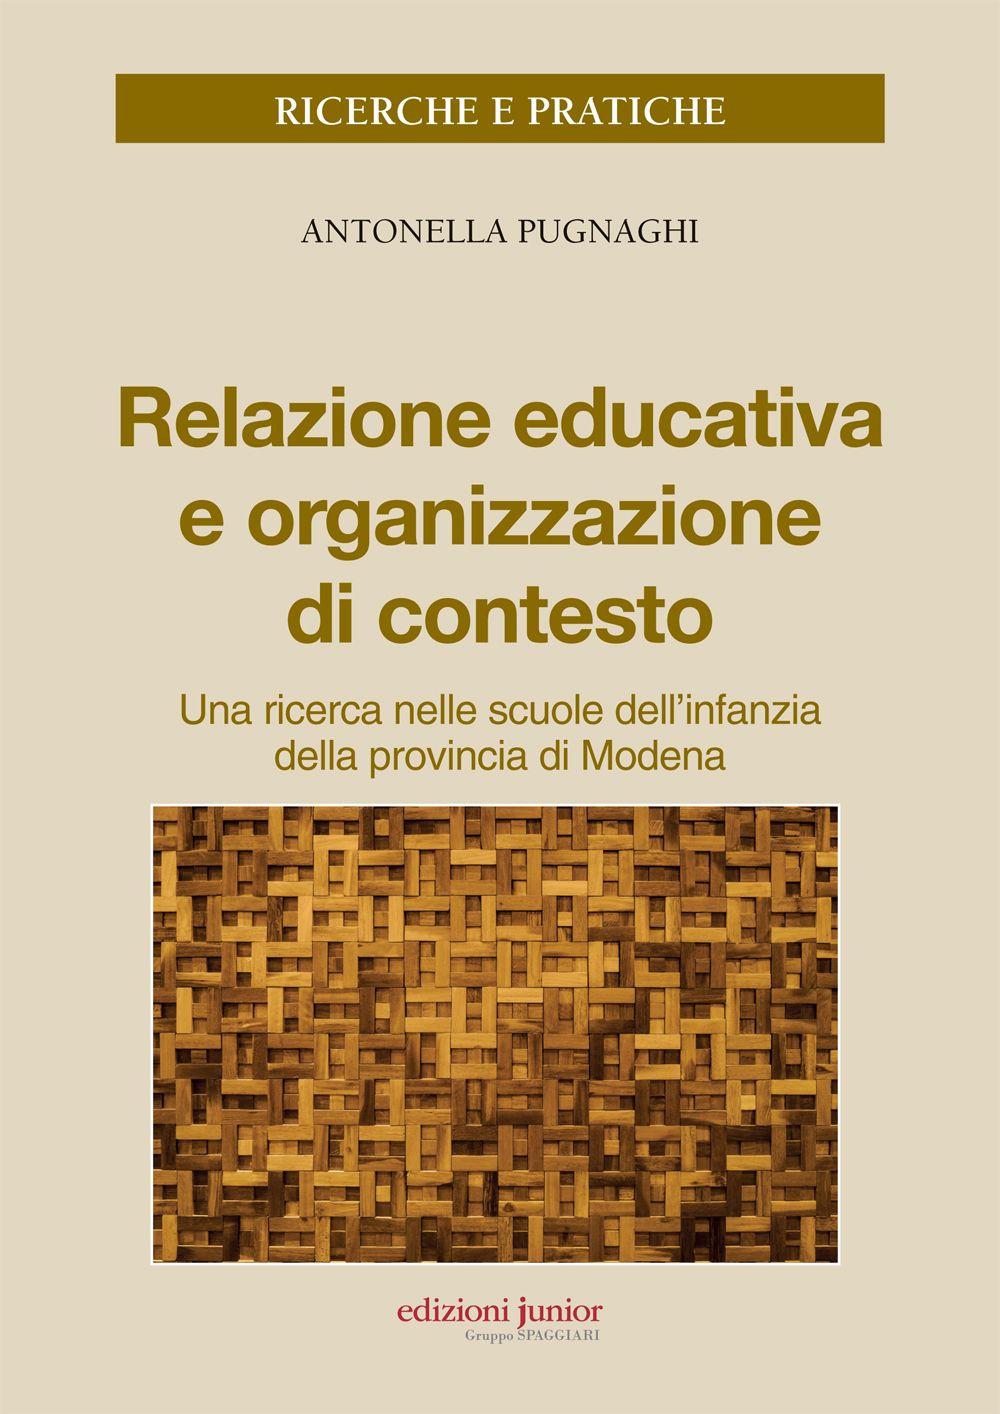 Relazione educativa e organ...